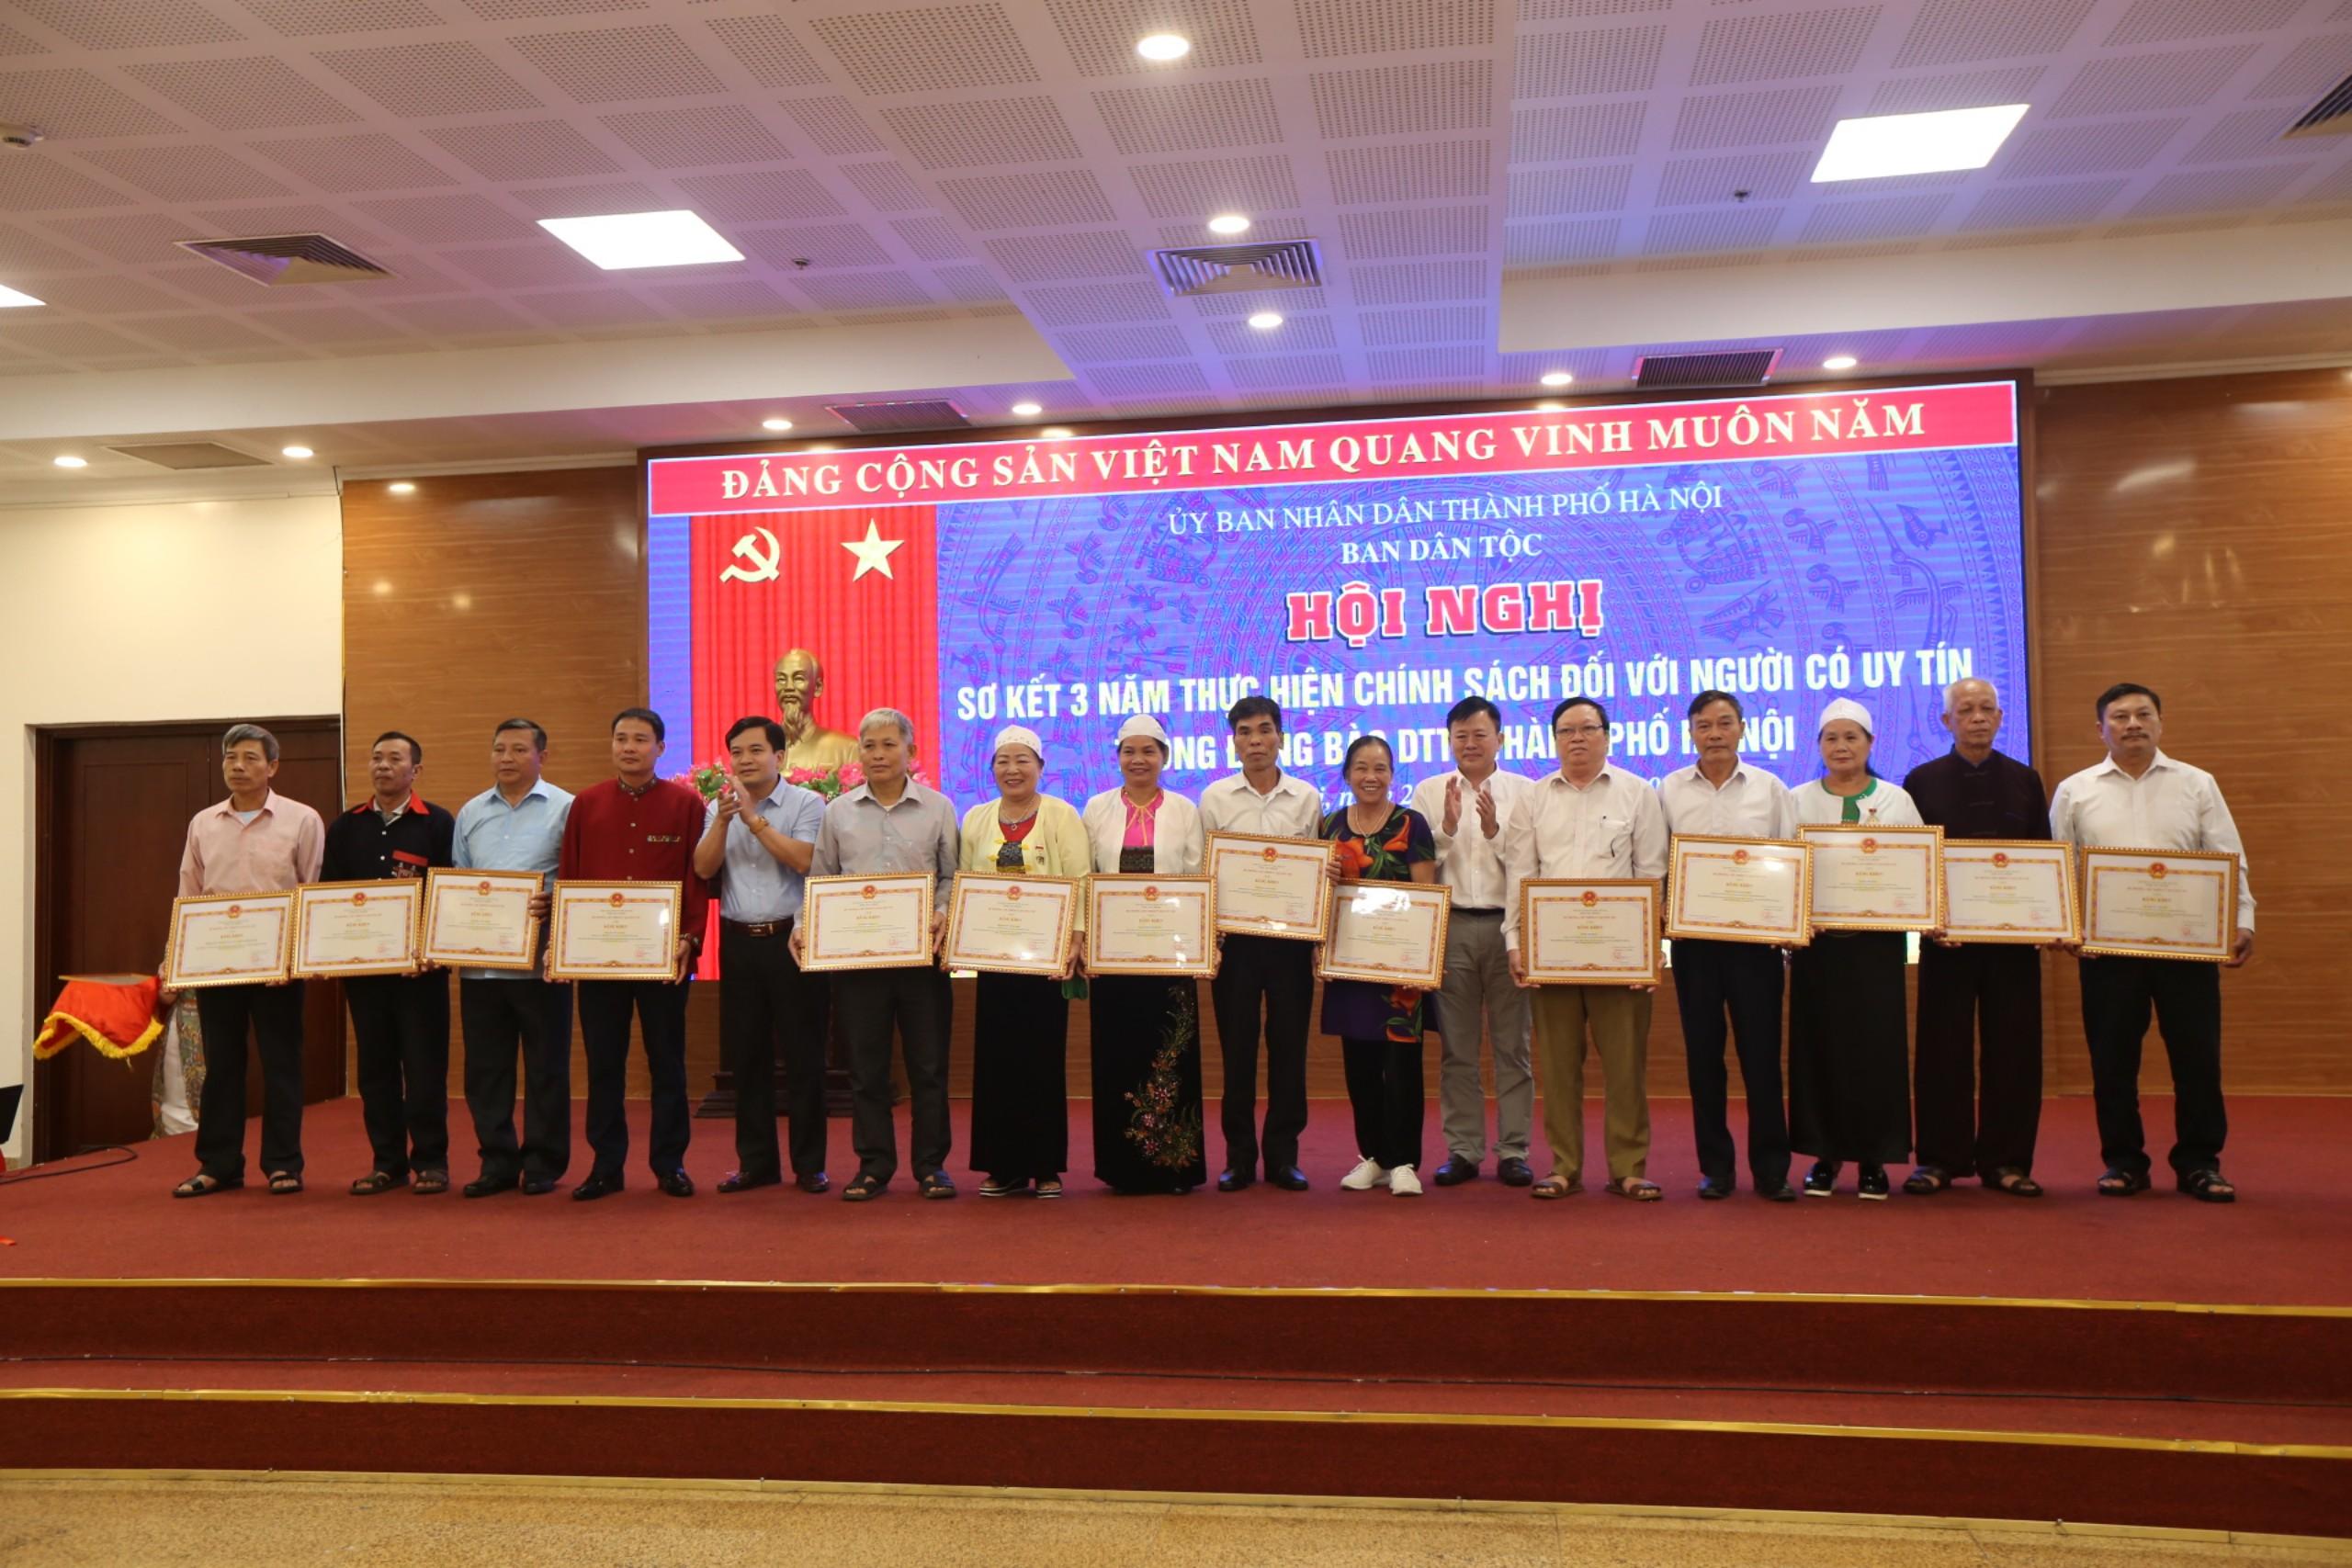 14 Người có uy tín tiêu biểu của TP. Hà Nội được nhận Bằng khen của Bộ trưởng Chủ nhiệm UBDT tại Hội nghị Sơ kết 3 năm thực hiện chính sách đối với người có uy tín trong đồng bào DTTS của Thủ đô.